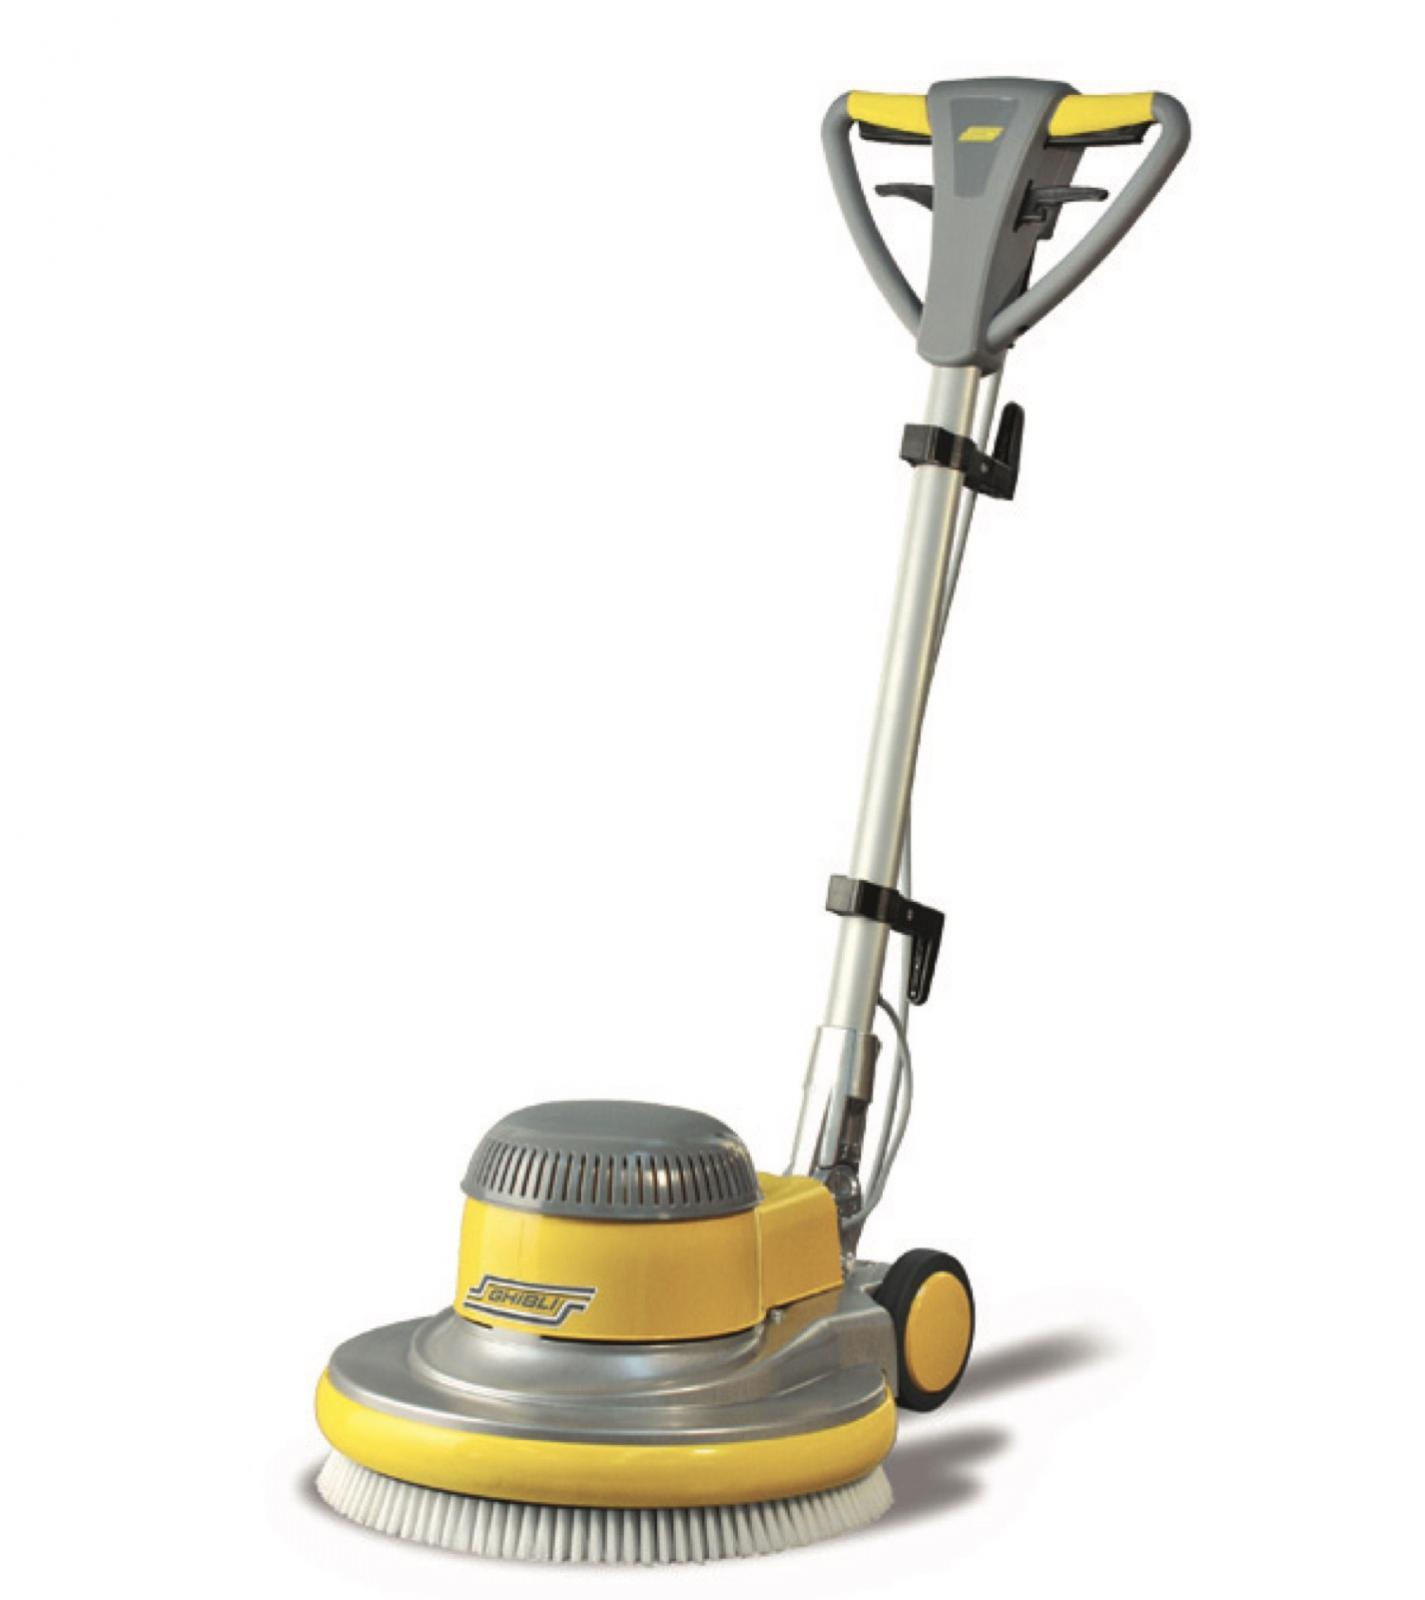 Rotativa SB 150 L16. Diametro ancho de trabajo 505 mm. Para Profesionales de la Limpieza y Restauración